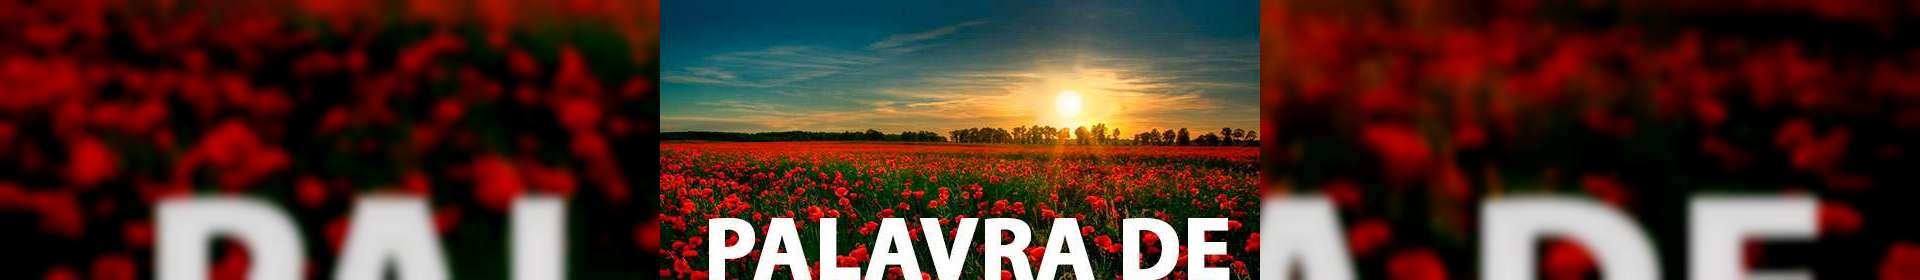 Êxodo 12:3,4 - Uma Palavra de Esperança para sua vida